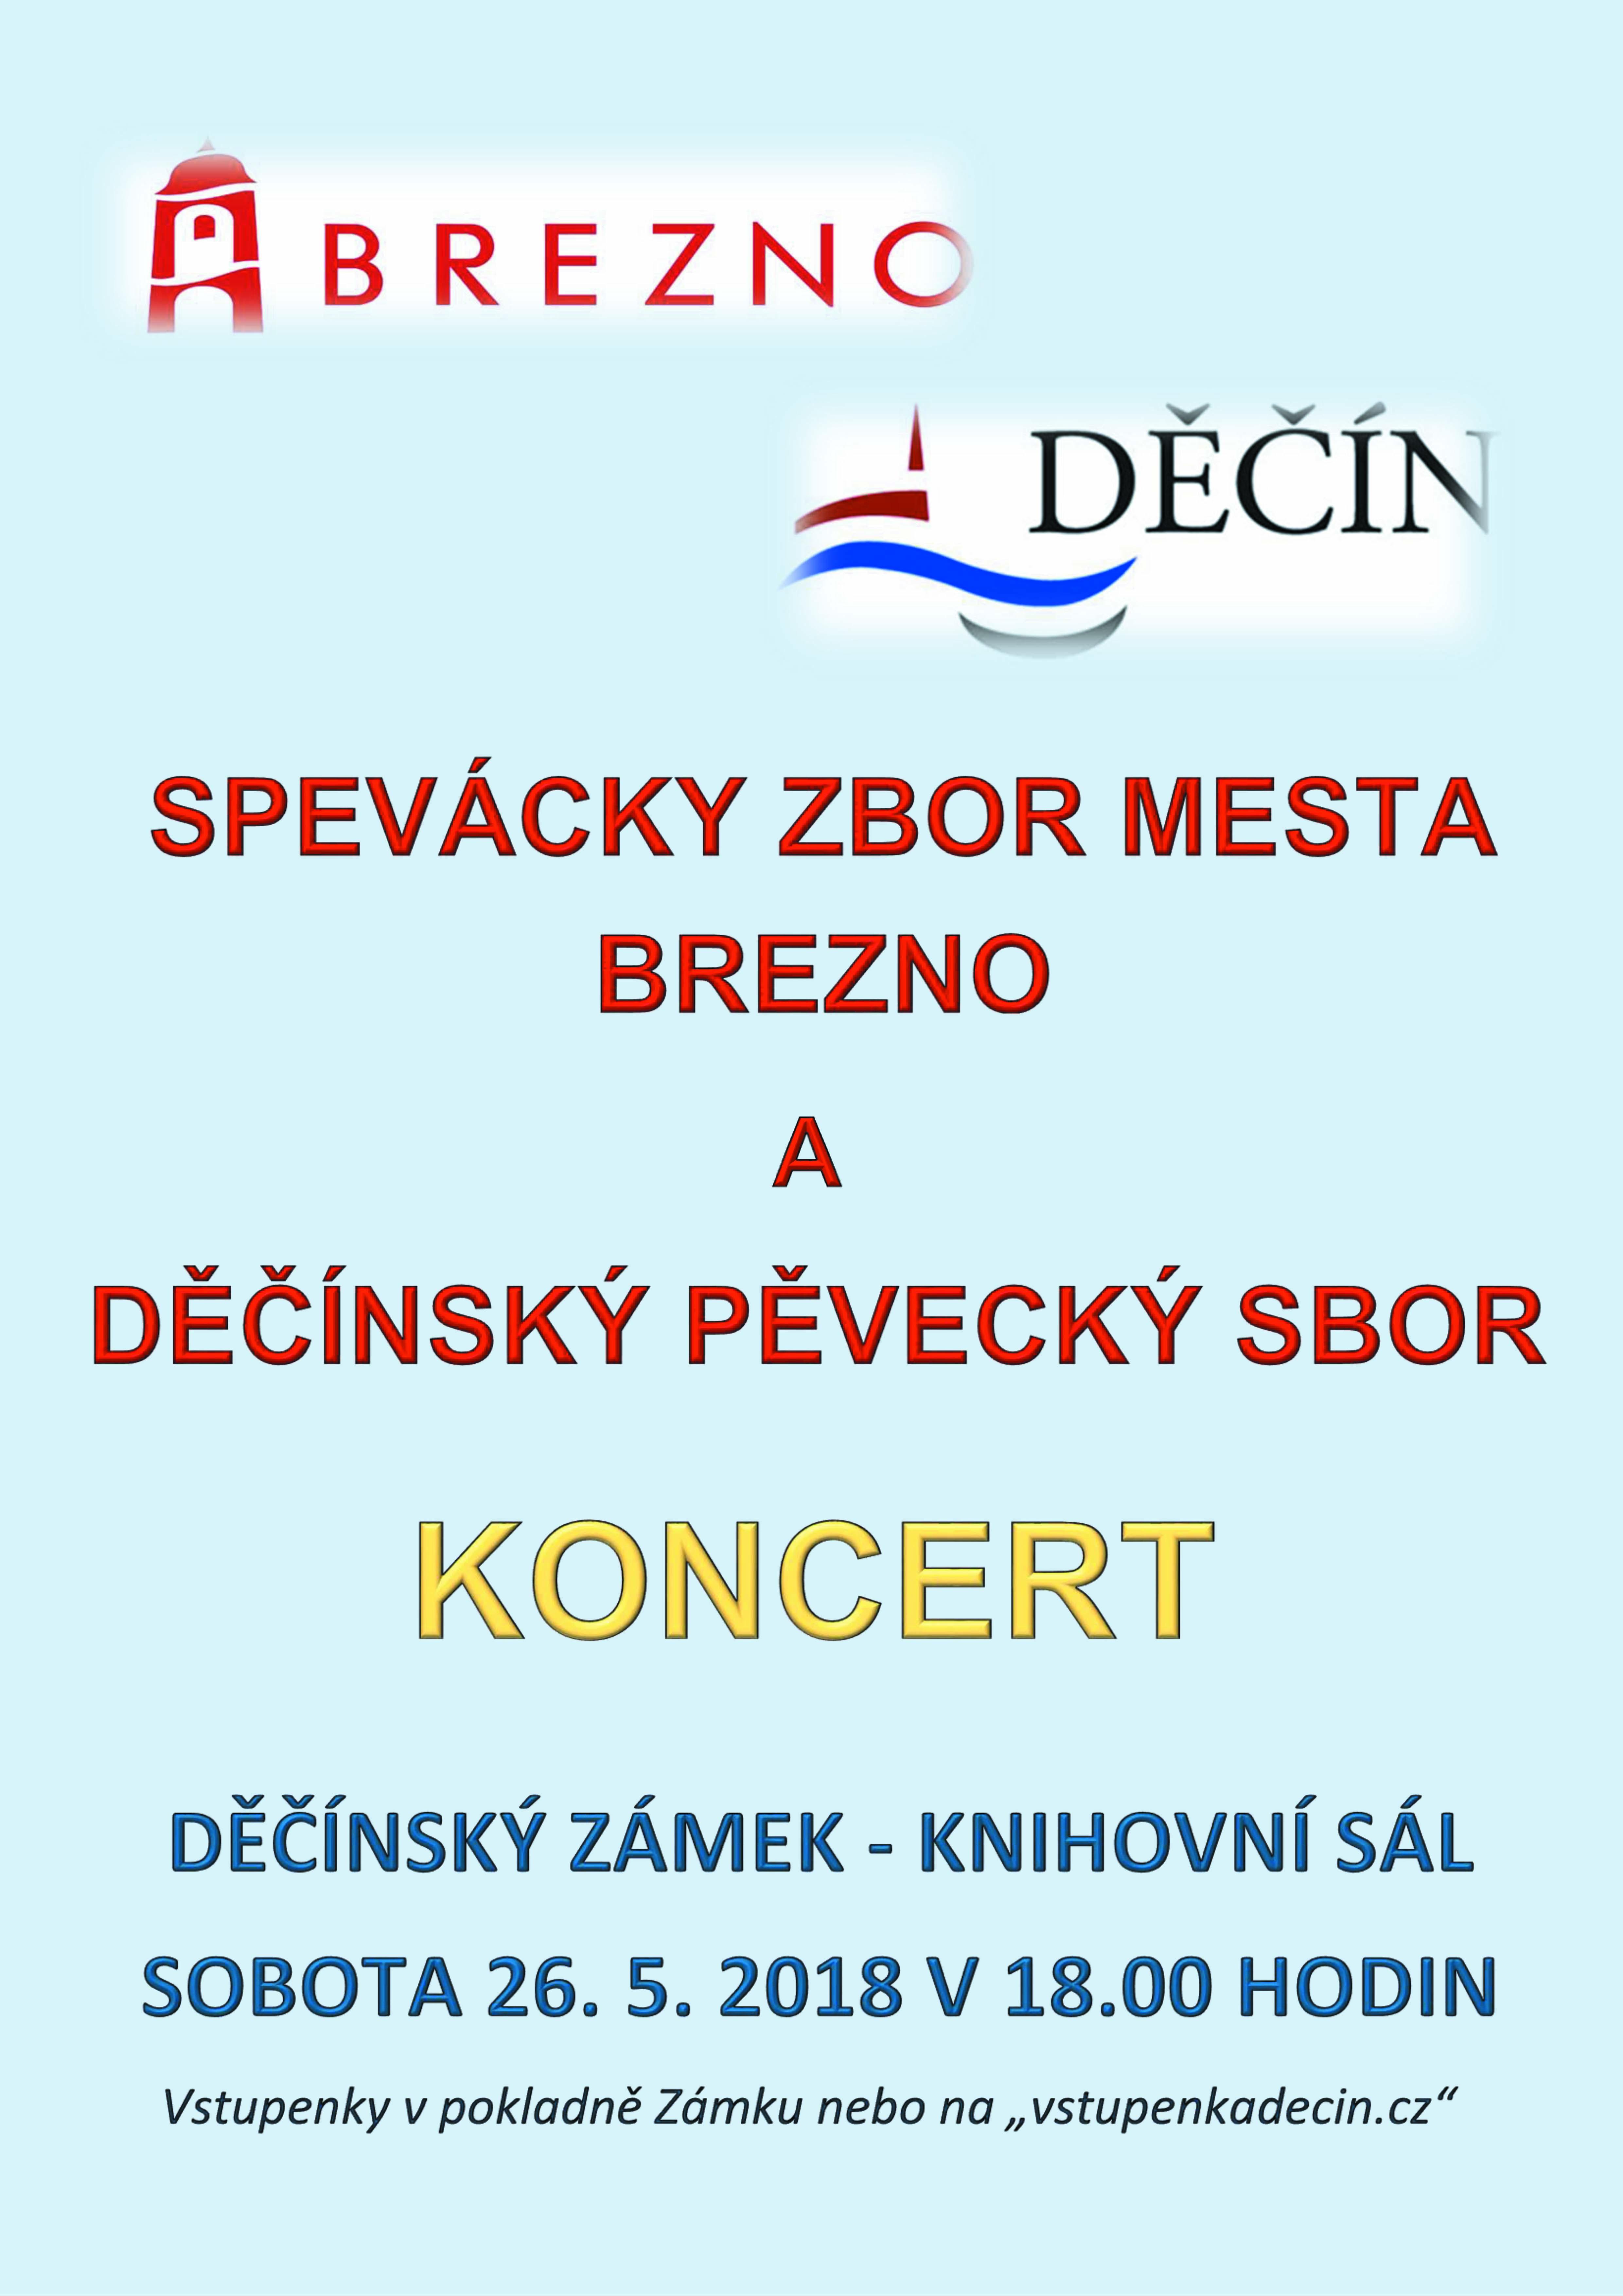 Koncert na Děčínském zámku